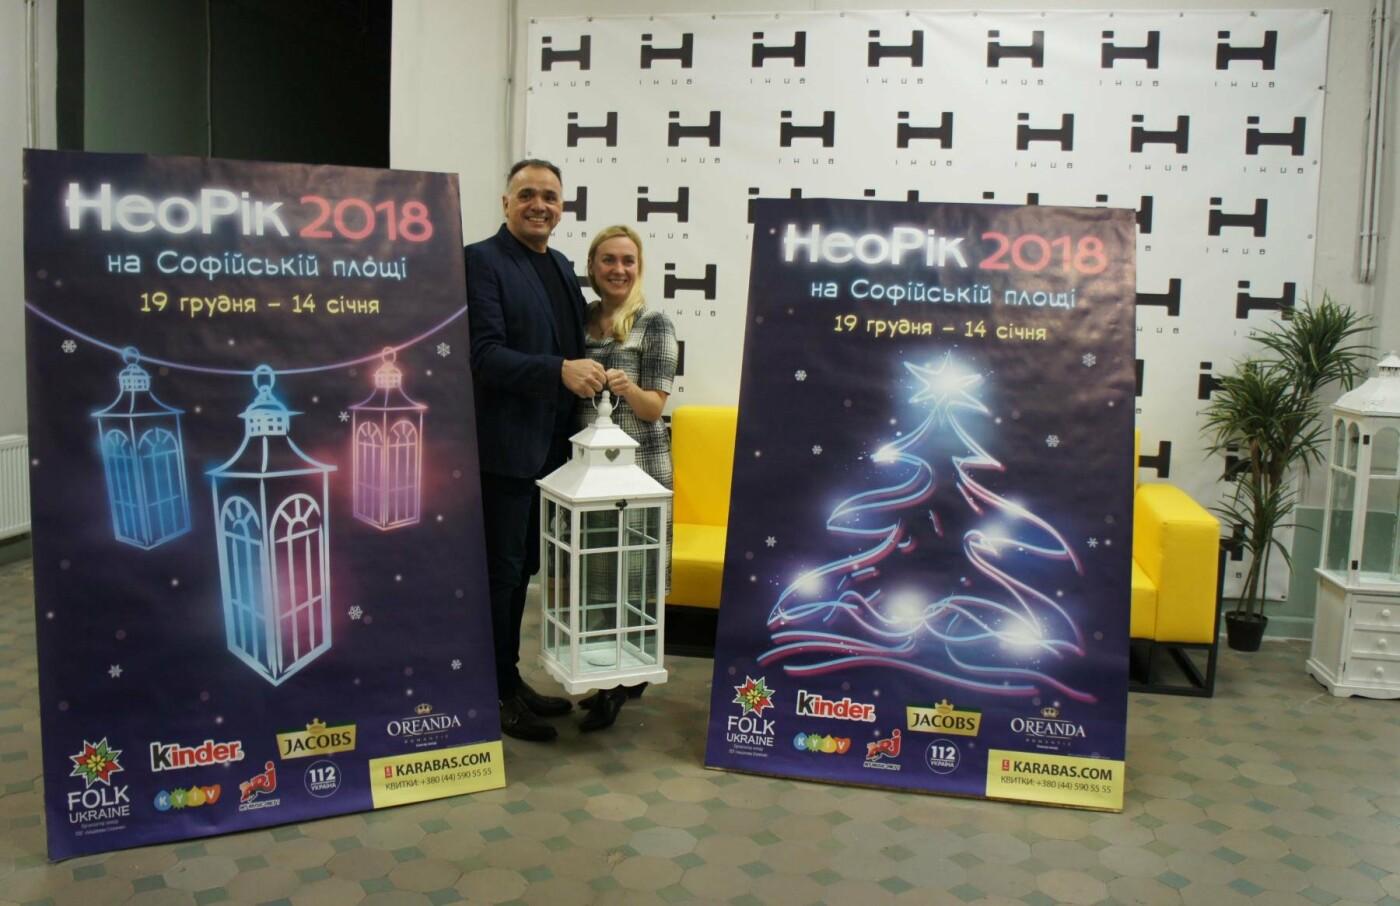 Новогодняя конференция: в Киеве обсудили культурную программу, фото-3